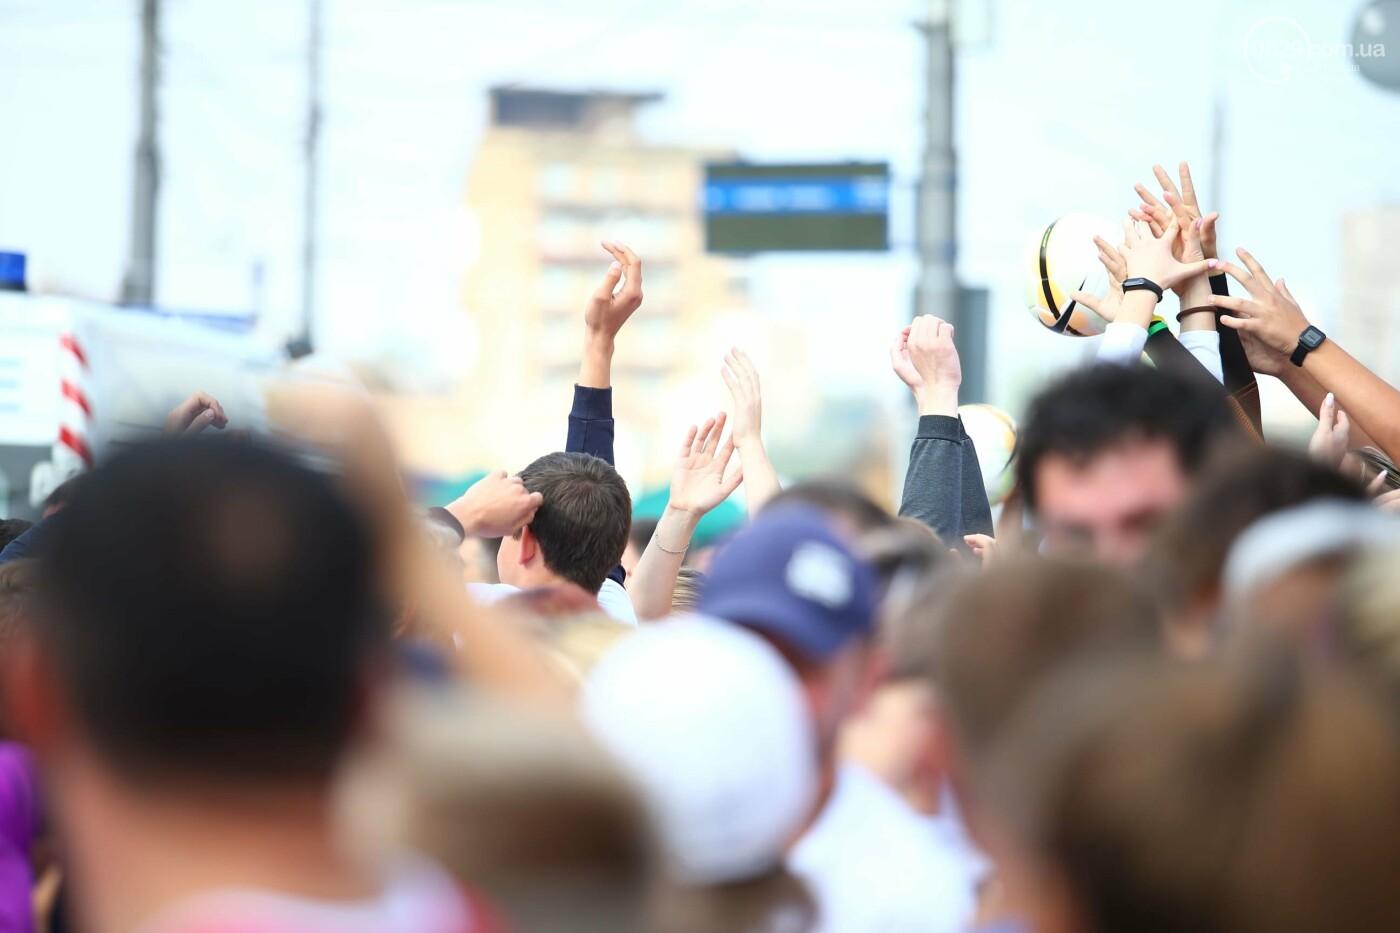 """В Мариуполе стартует массовый забег """"Мариупольская десятка"""" (ФОТООТЧЕТ), фото-59"""